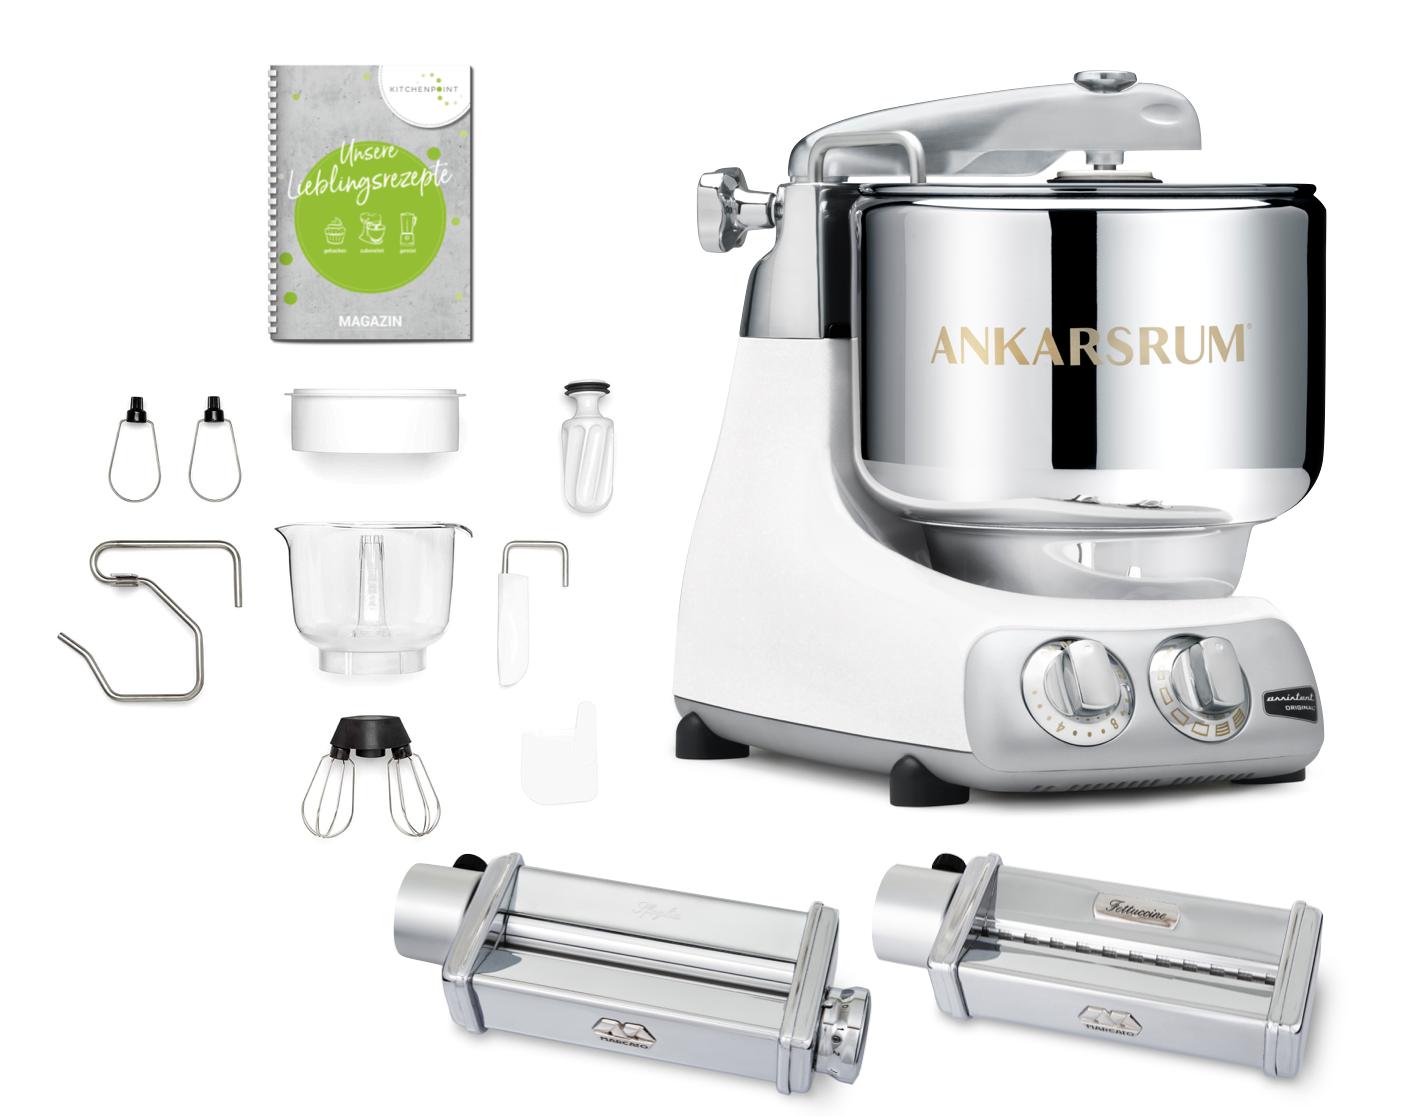 Ankarsrum Küchenmaschine Assistent Mineral White - Pasta Set